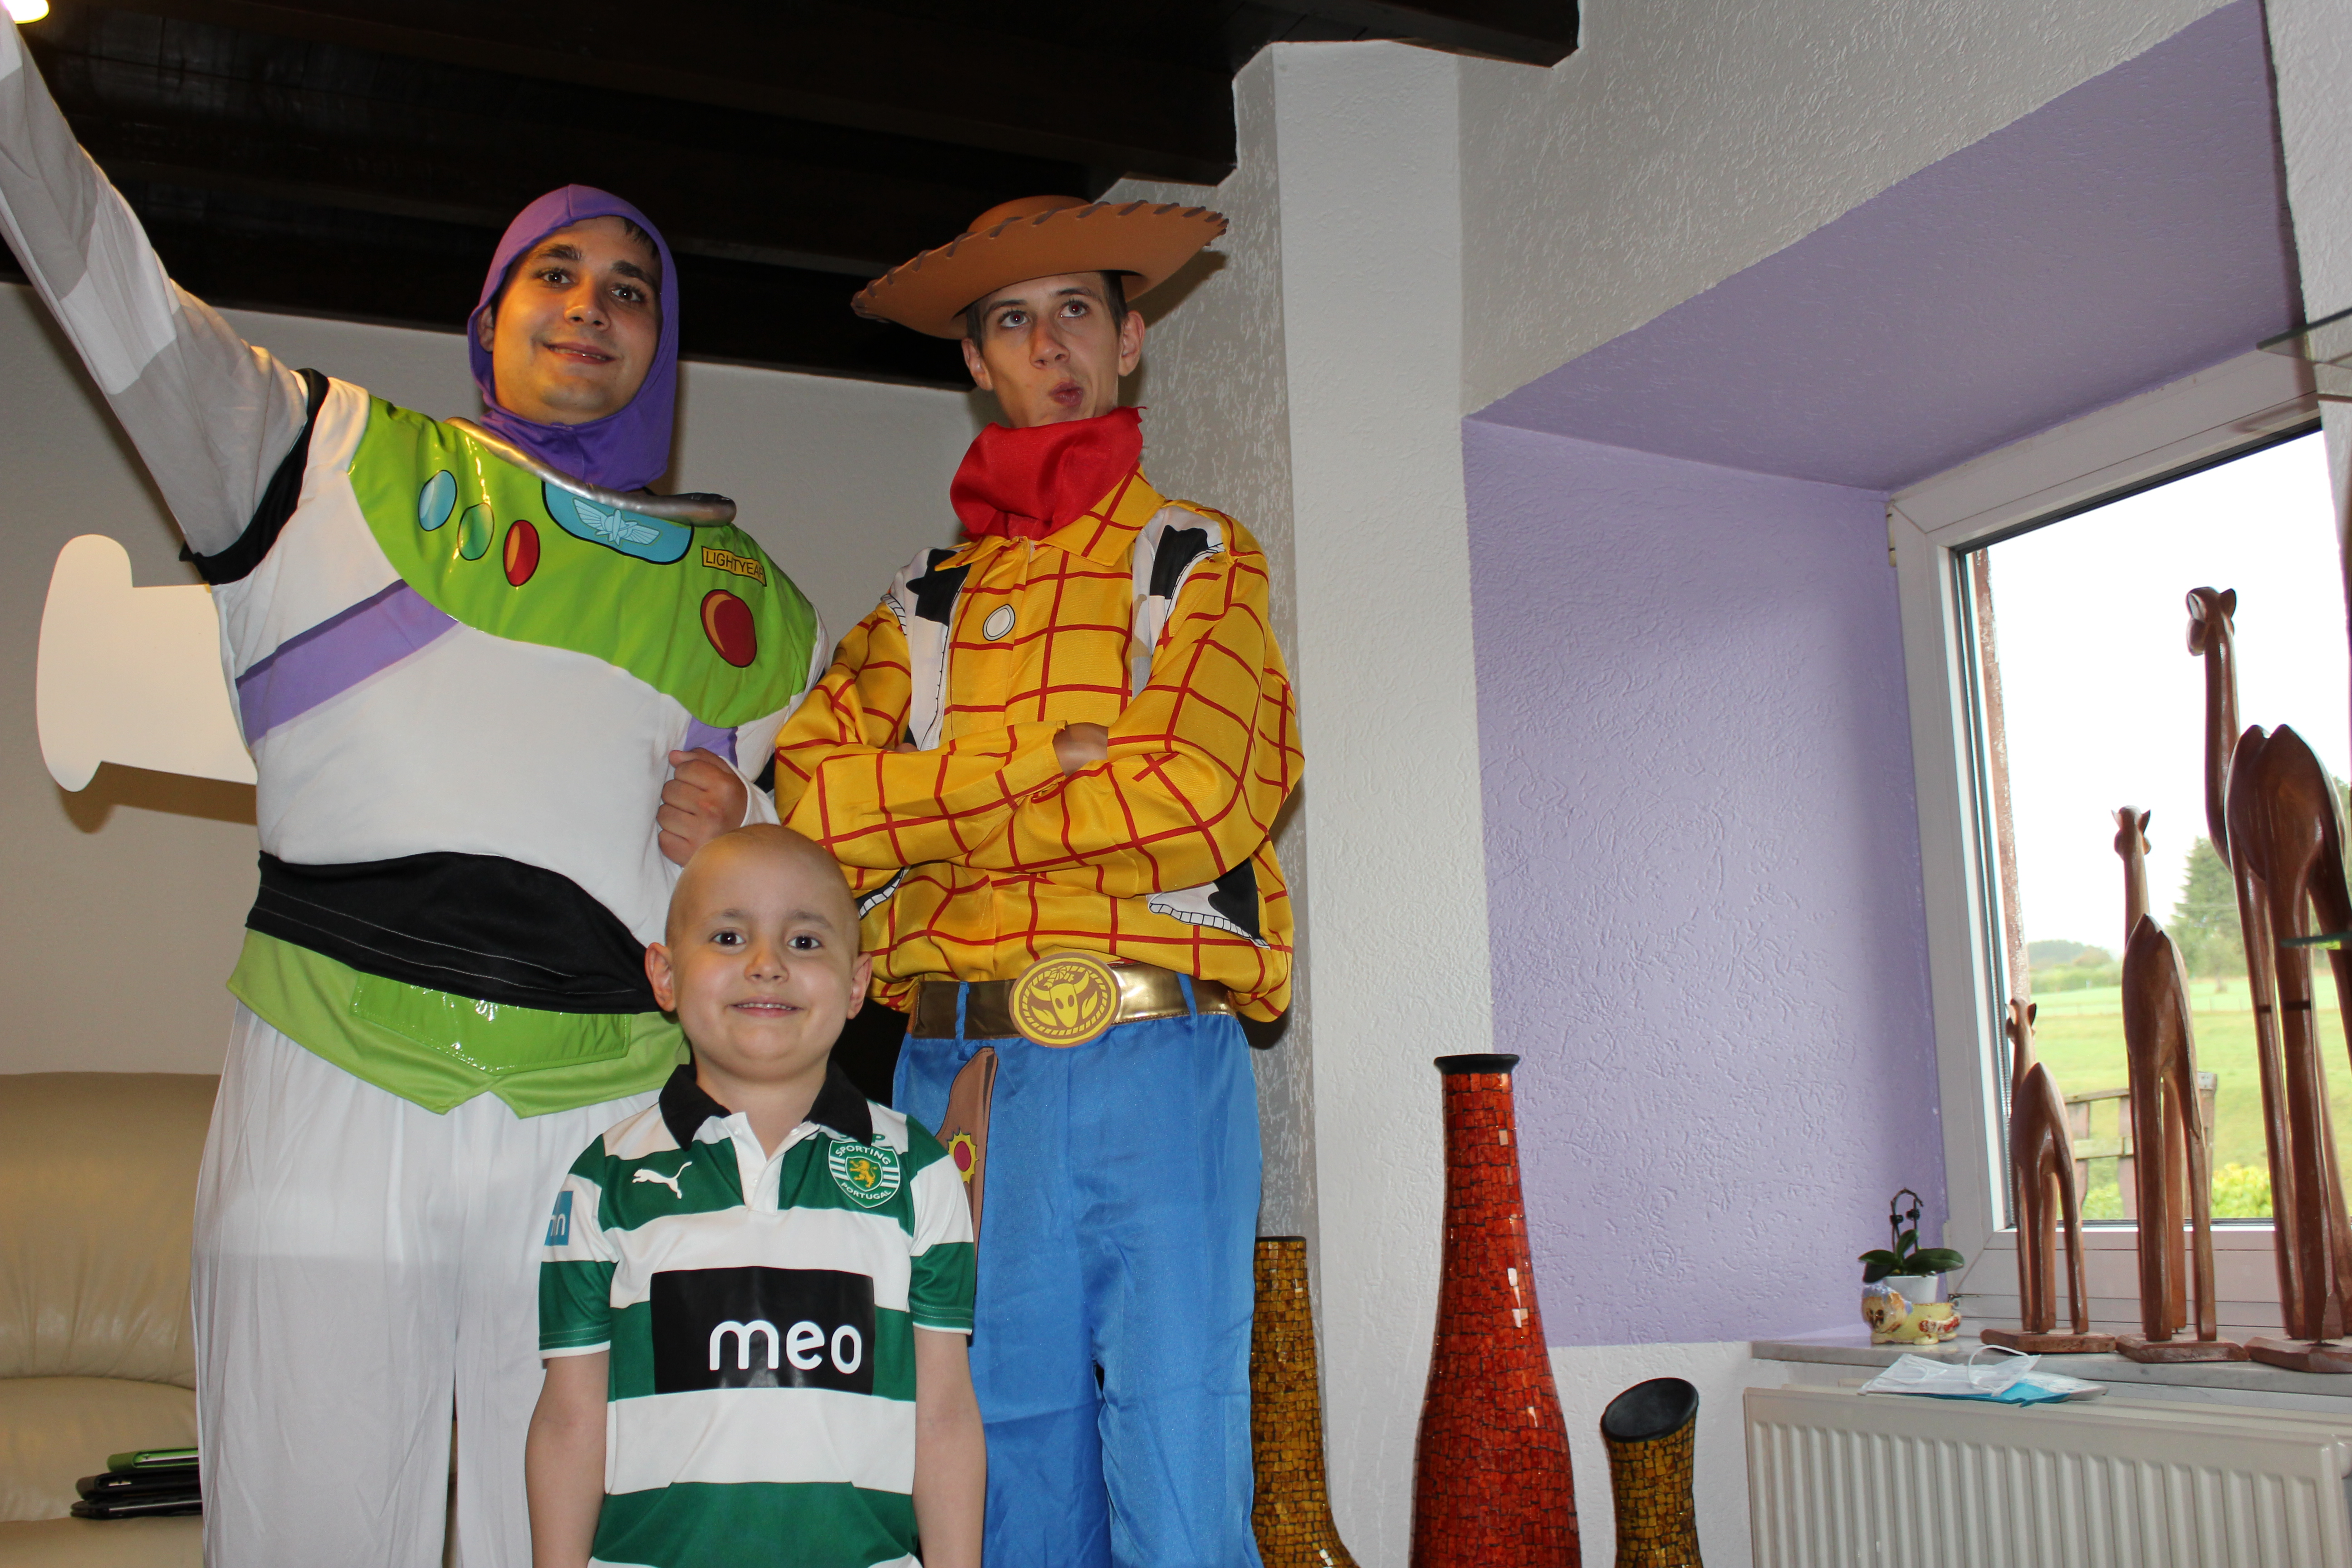 Ces héros, Buzz et Andy de Toy Story